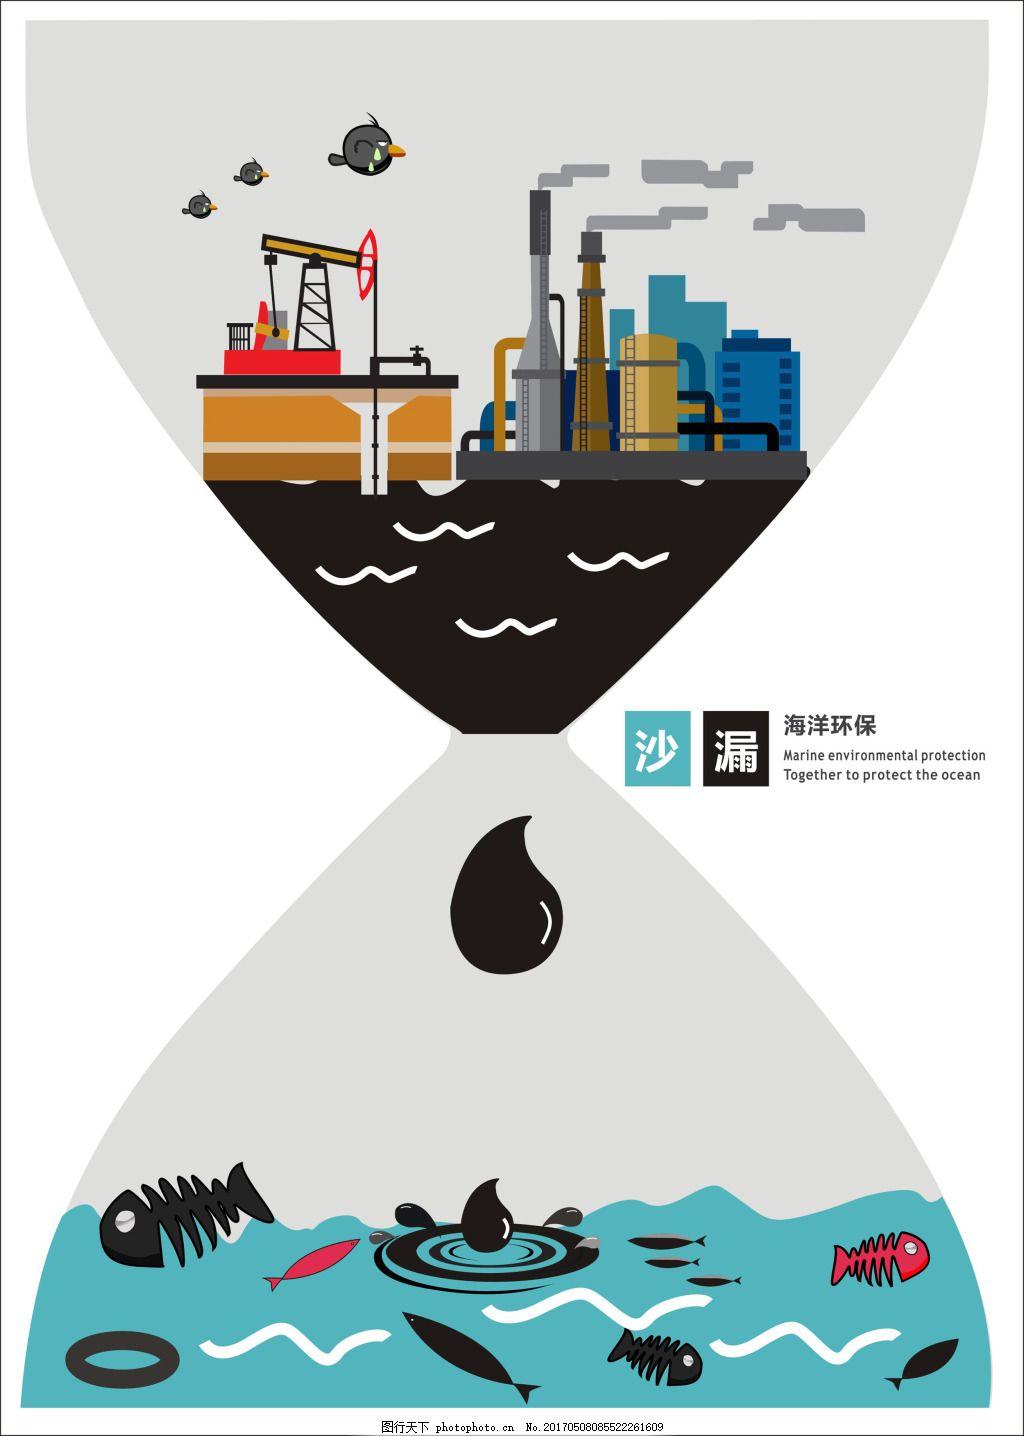 海洋污染环保创意沙漏 海洋环保宣传海报 海洋污染创意 海洋保护创意